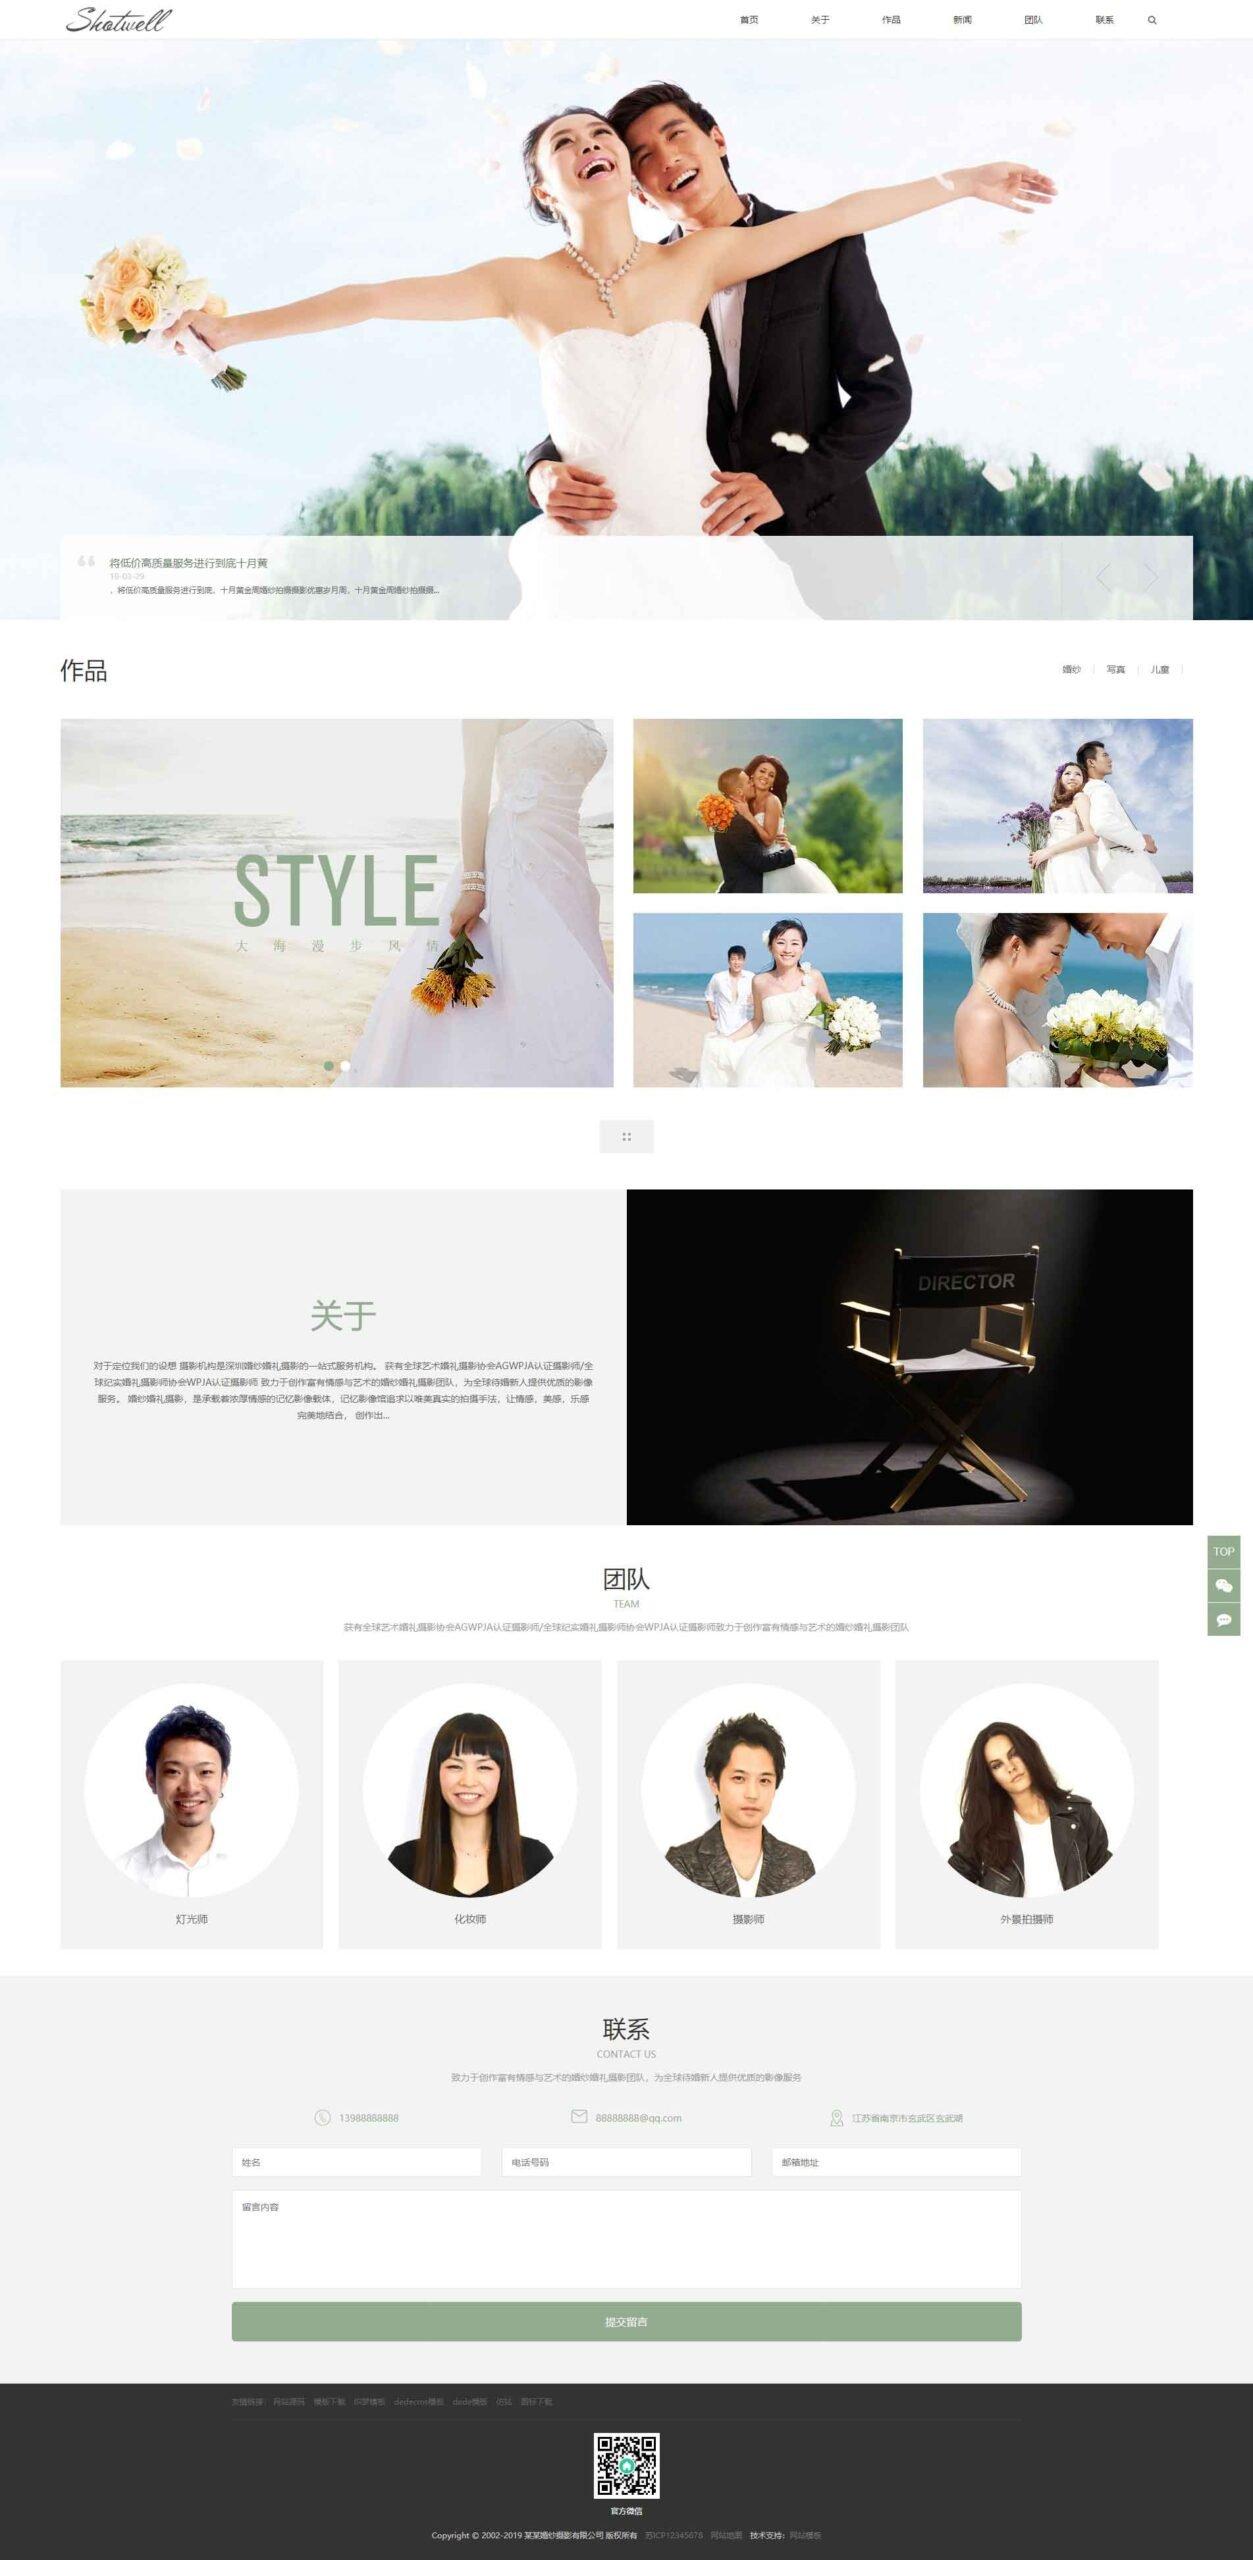 织梦婚纱摄影模板dedecms自适应企业模板源码